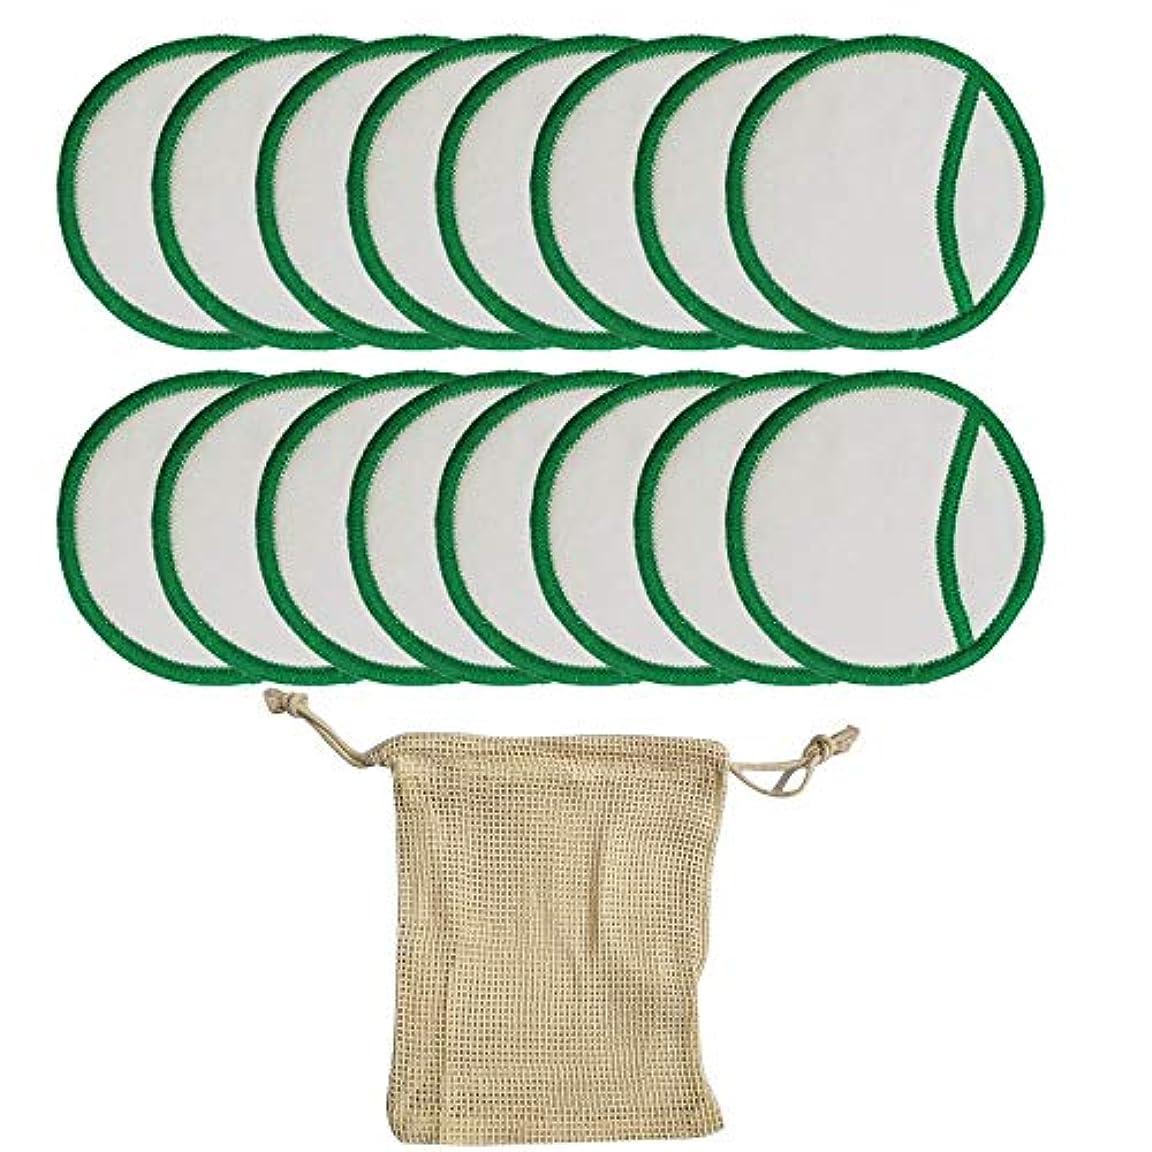 生物学民兵現実的16pcsメイクアップリムーバーパッド再利用可能な洗濯可能な3層竹フェイシャルクレンジングコットンワイプスキンケア用品用収納バッグ付き